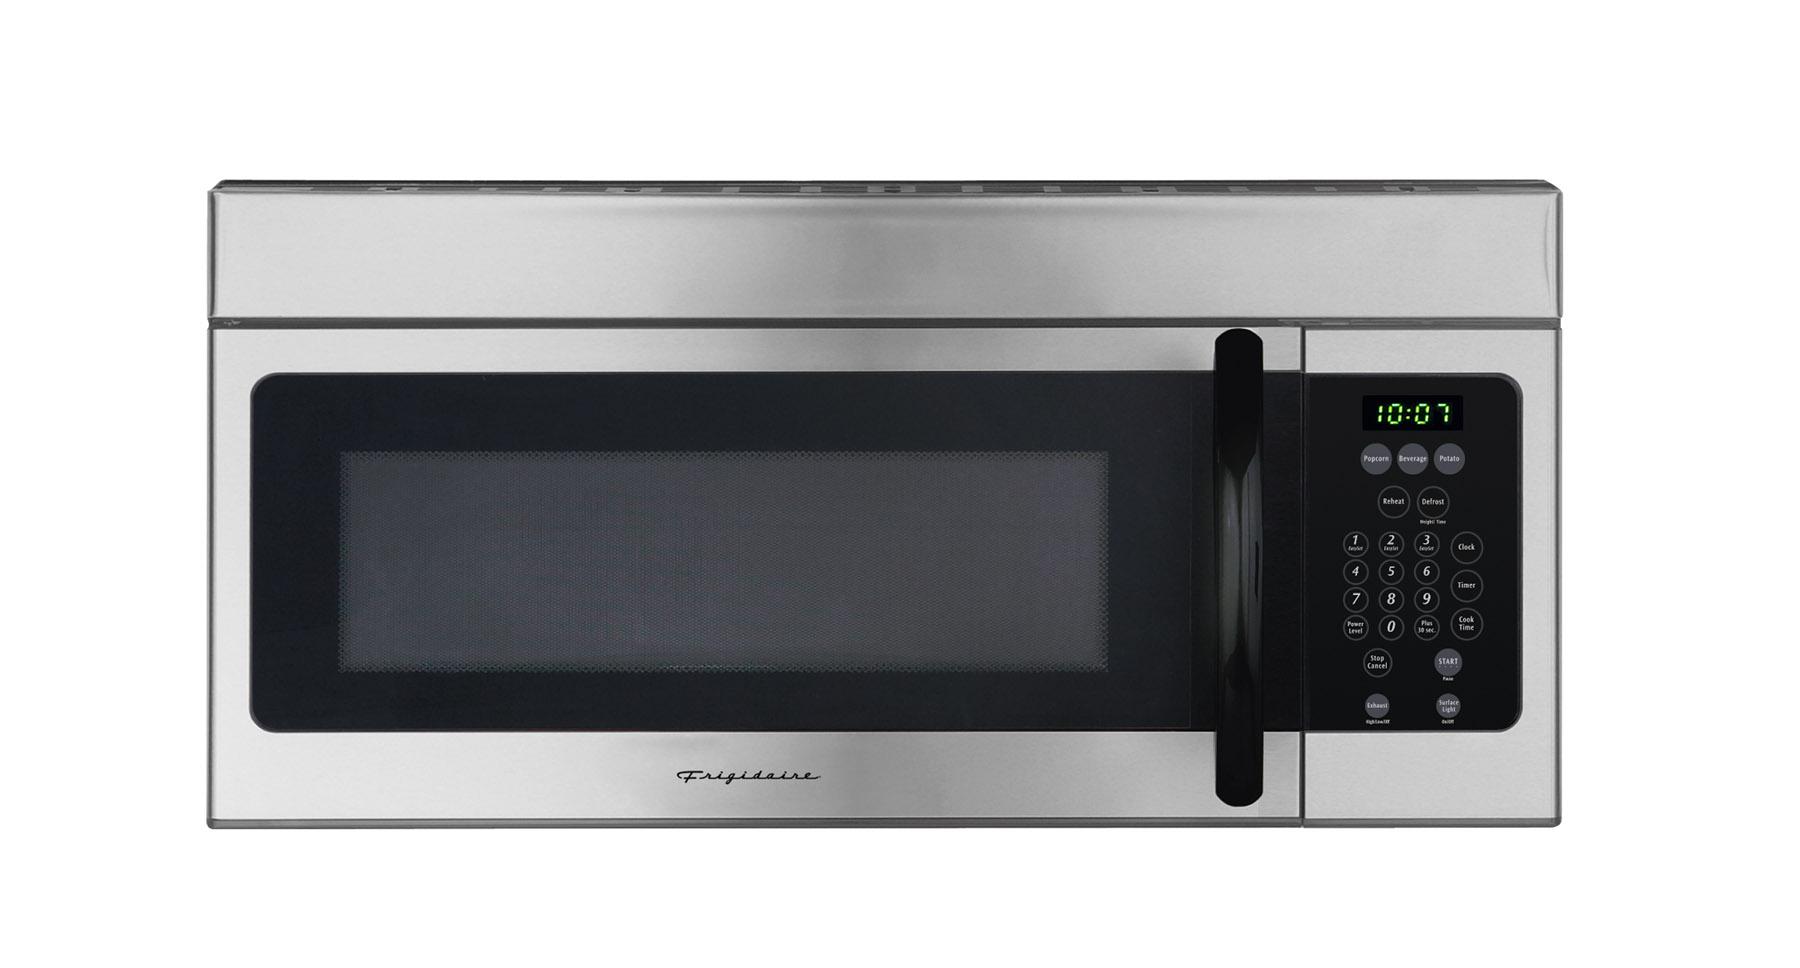 Frigidaire Microwave Model FMV152KSA Parts